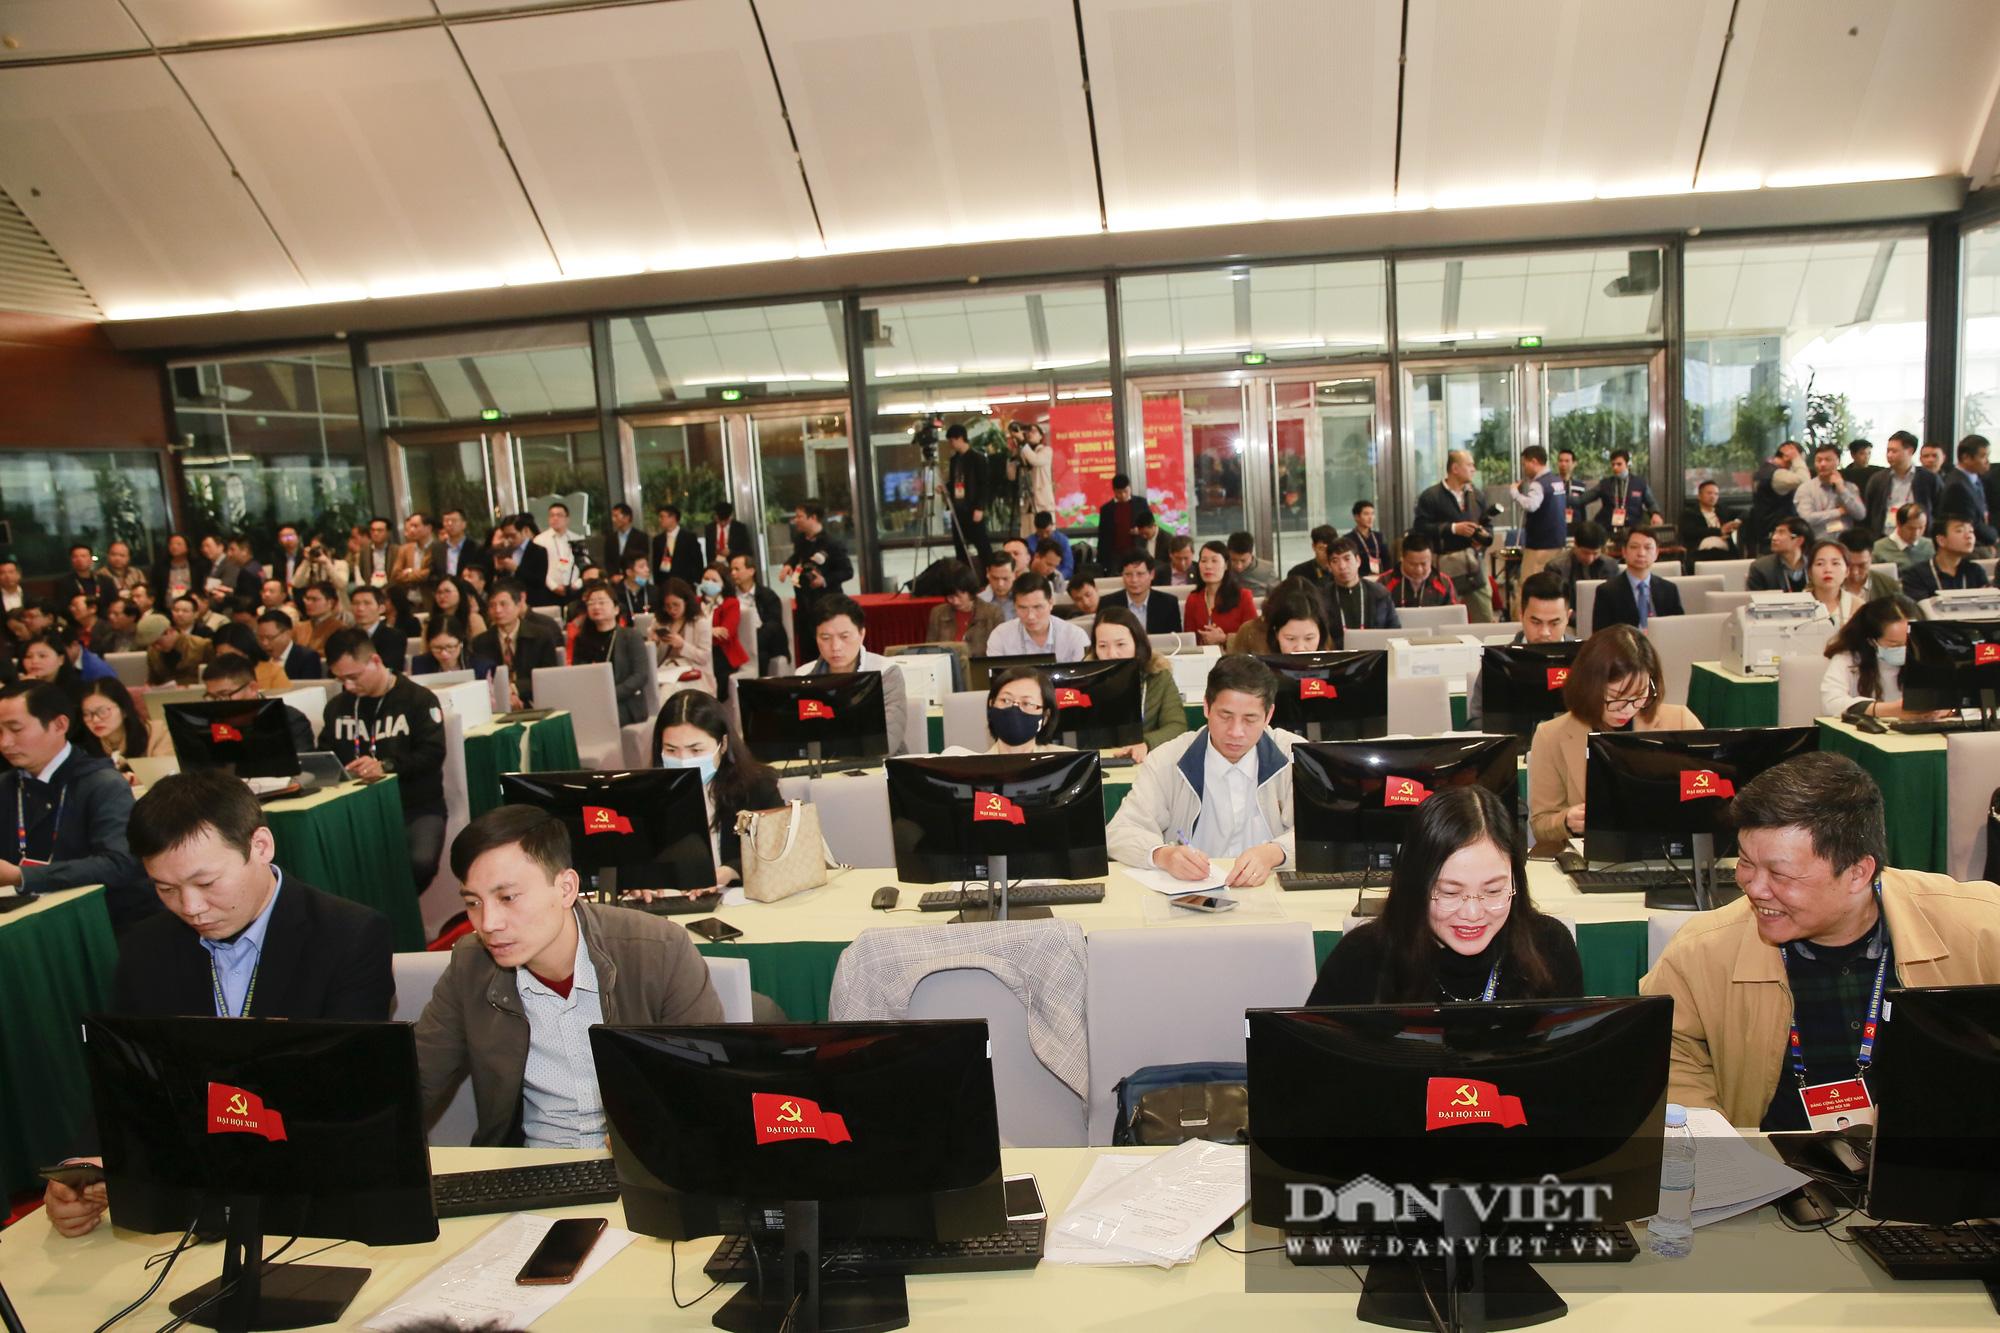 Khai trương trung tâm báo chí phục vụ Đại hội XIII của Đảng - Ảnh 2.